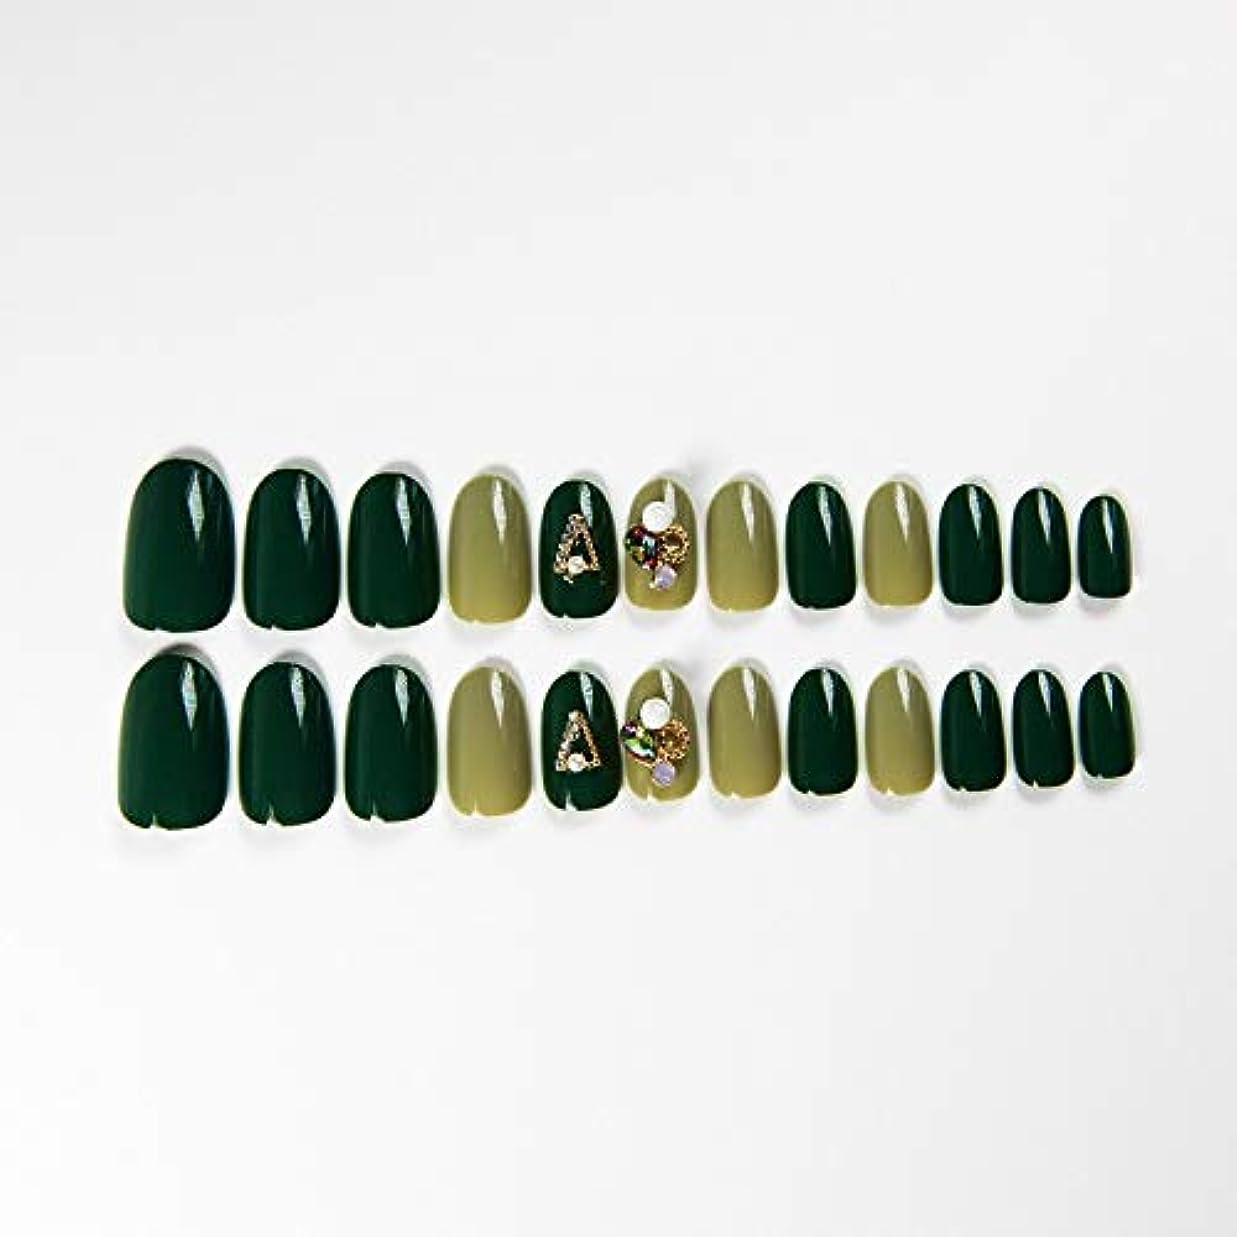 合体レバー八百屋さんXUANHU HOME 緑の偽爪キット24pcsアボカドの緑の偽の爪、接着剤付き